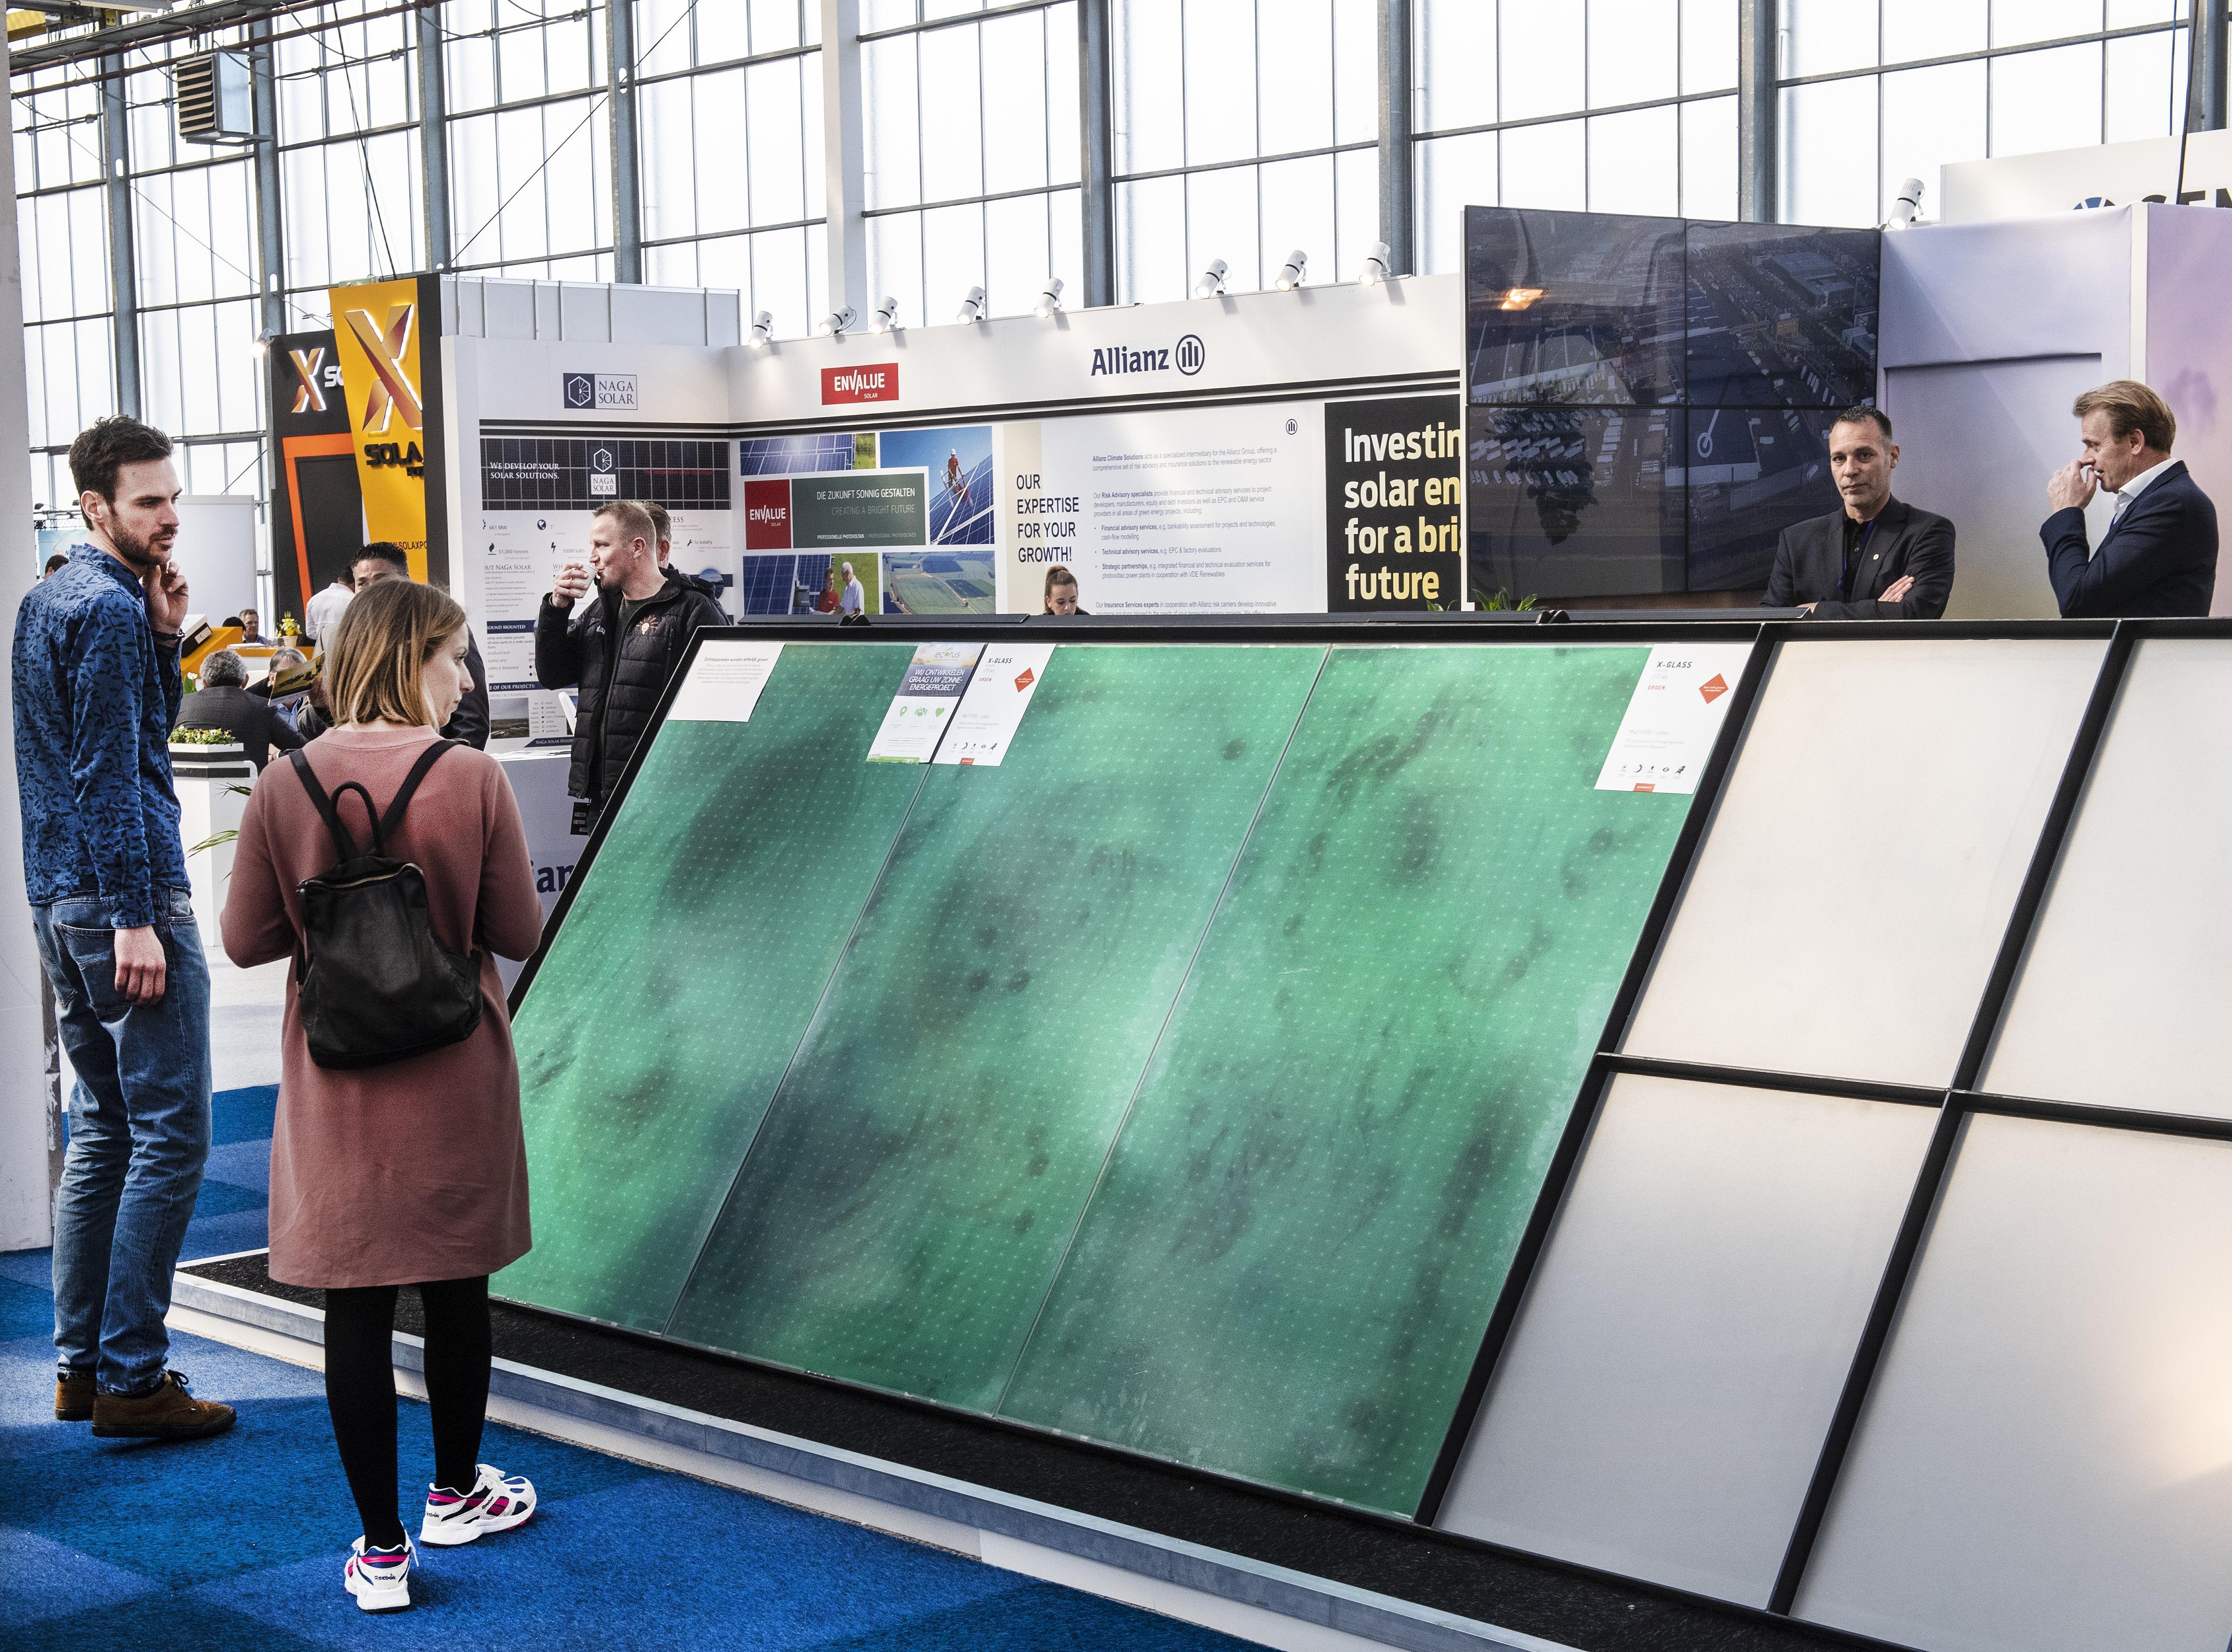 Gekleurde panelen en 'vakidioten' bij Solar Solutions in Vijfhuizen